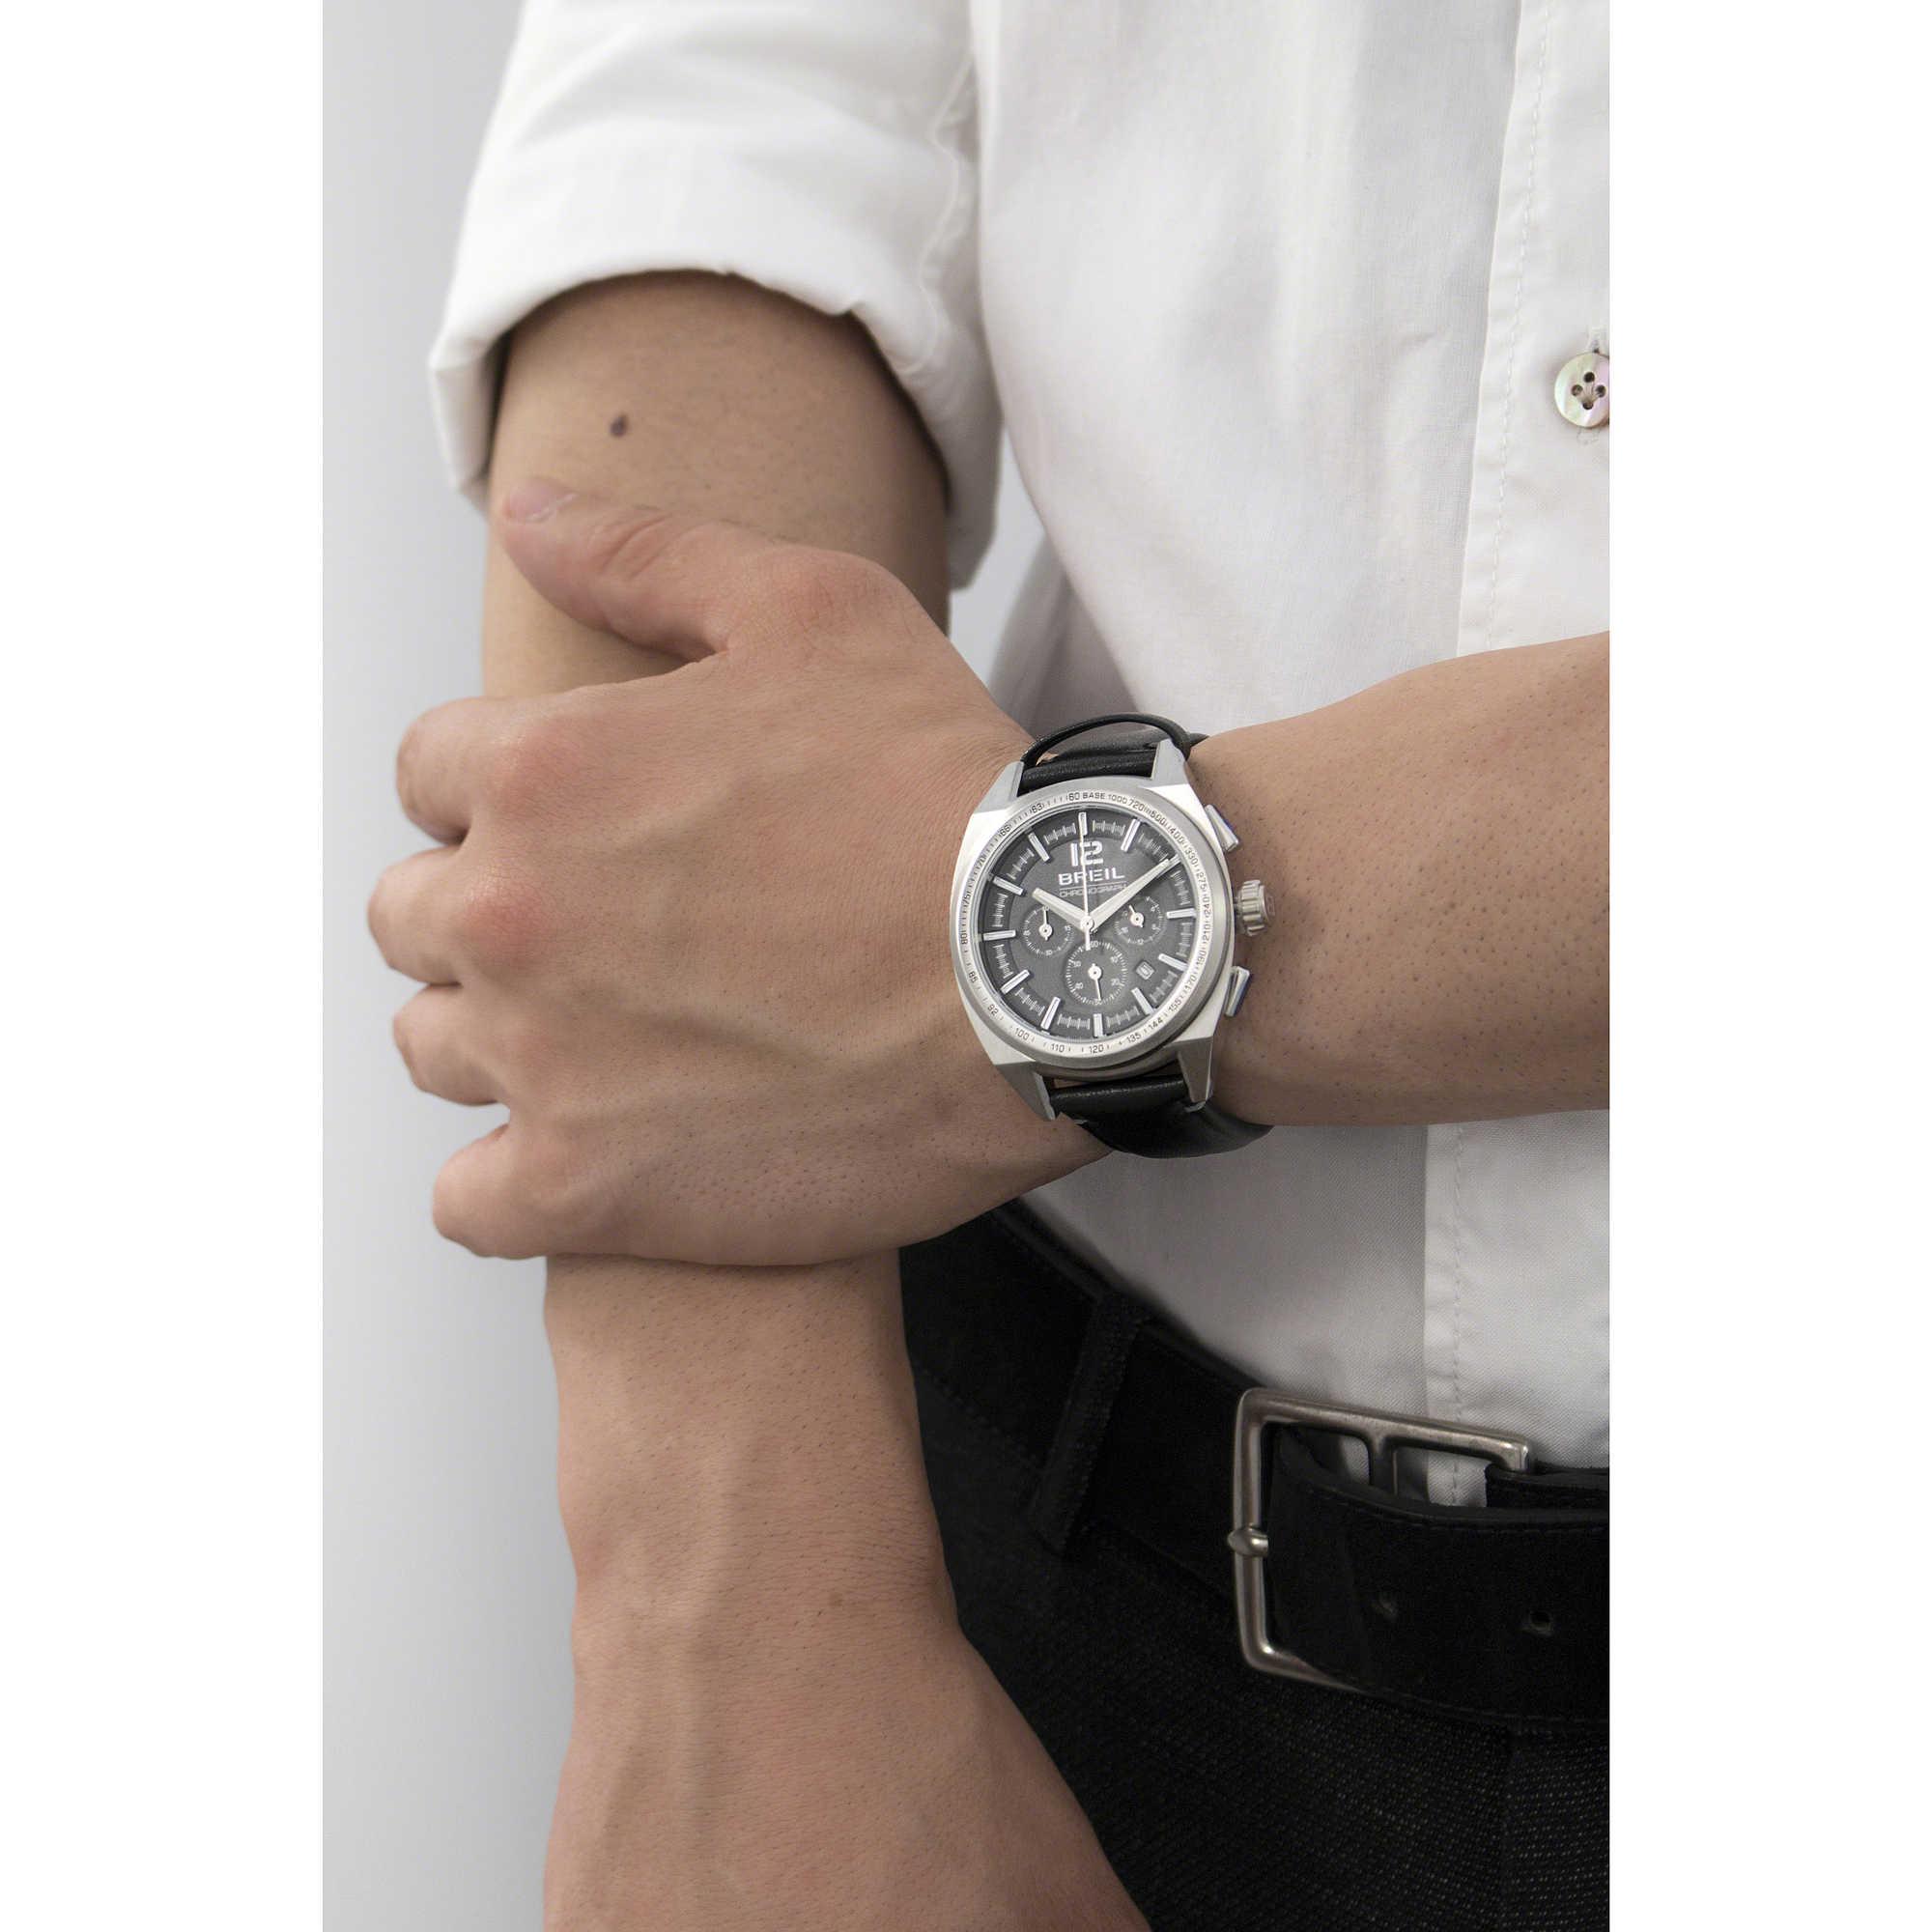 48e9dbbf0fc orologio cronografo uomo Breil Master TW1459 cronografi Breil outlet